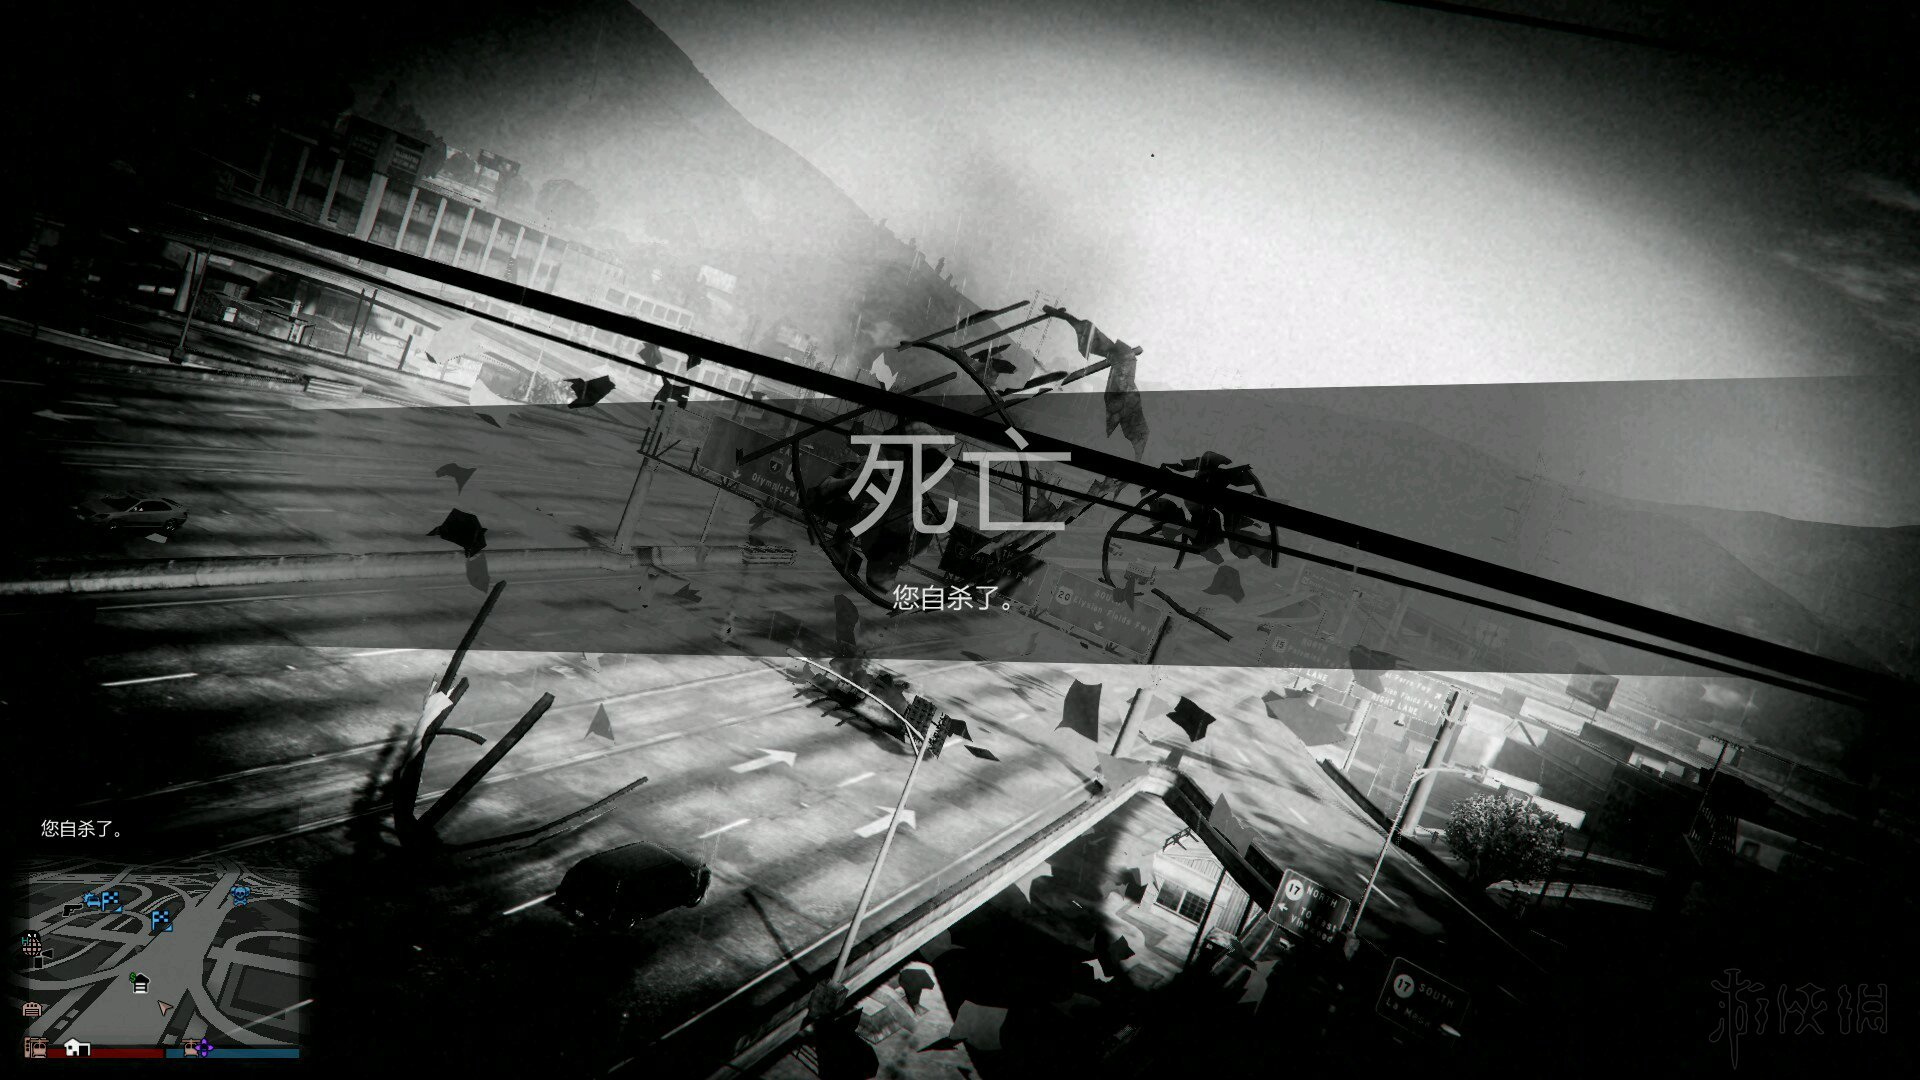 侠盗猎车5秘籍飞机_gta5全飞机性能详解 侠盗猎车手5哪把飞机性能最好(17)_飞艇_游侠网